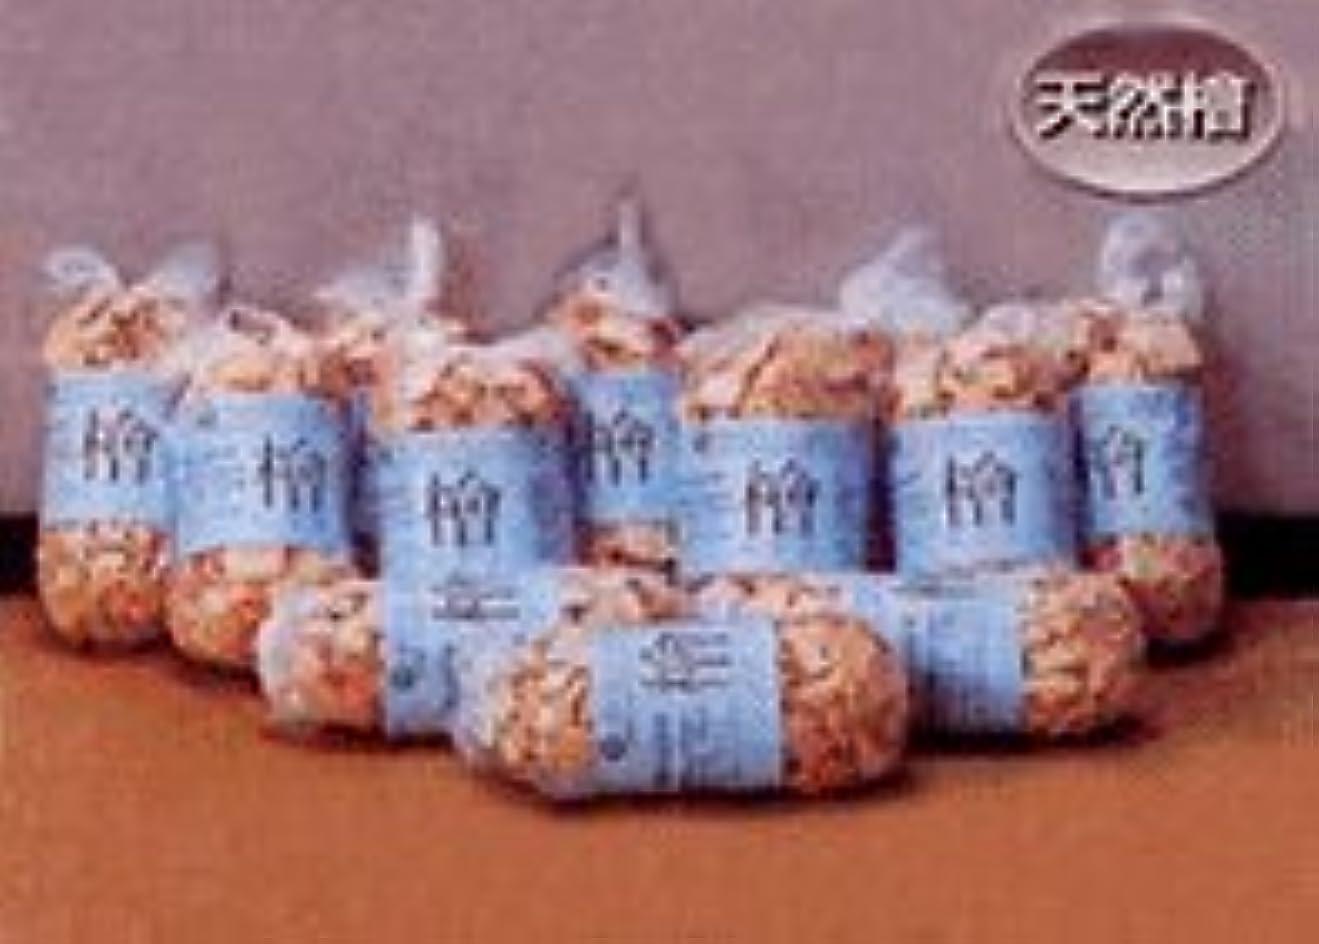 劣るレンズレール国産ひのきチップ 木道楽 国産檜 (10袋)